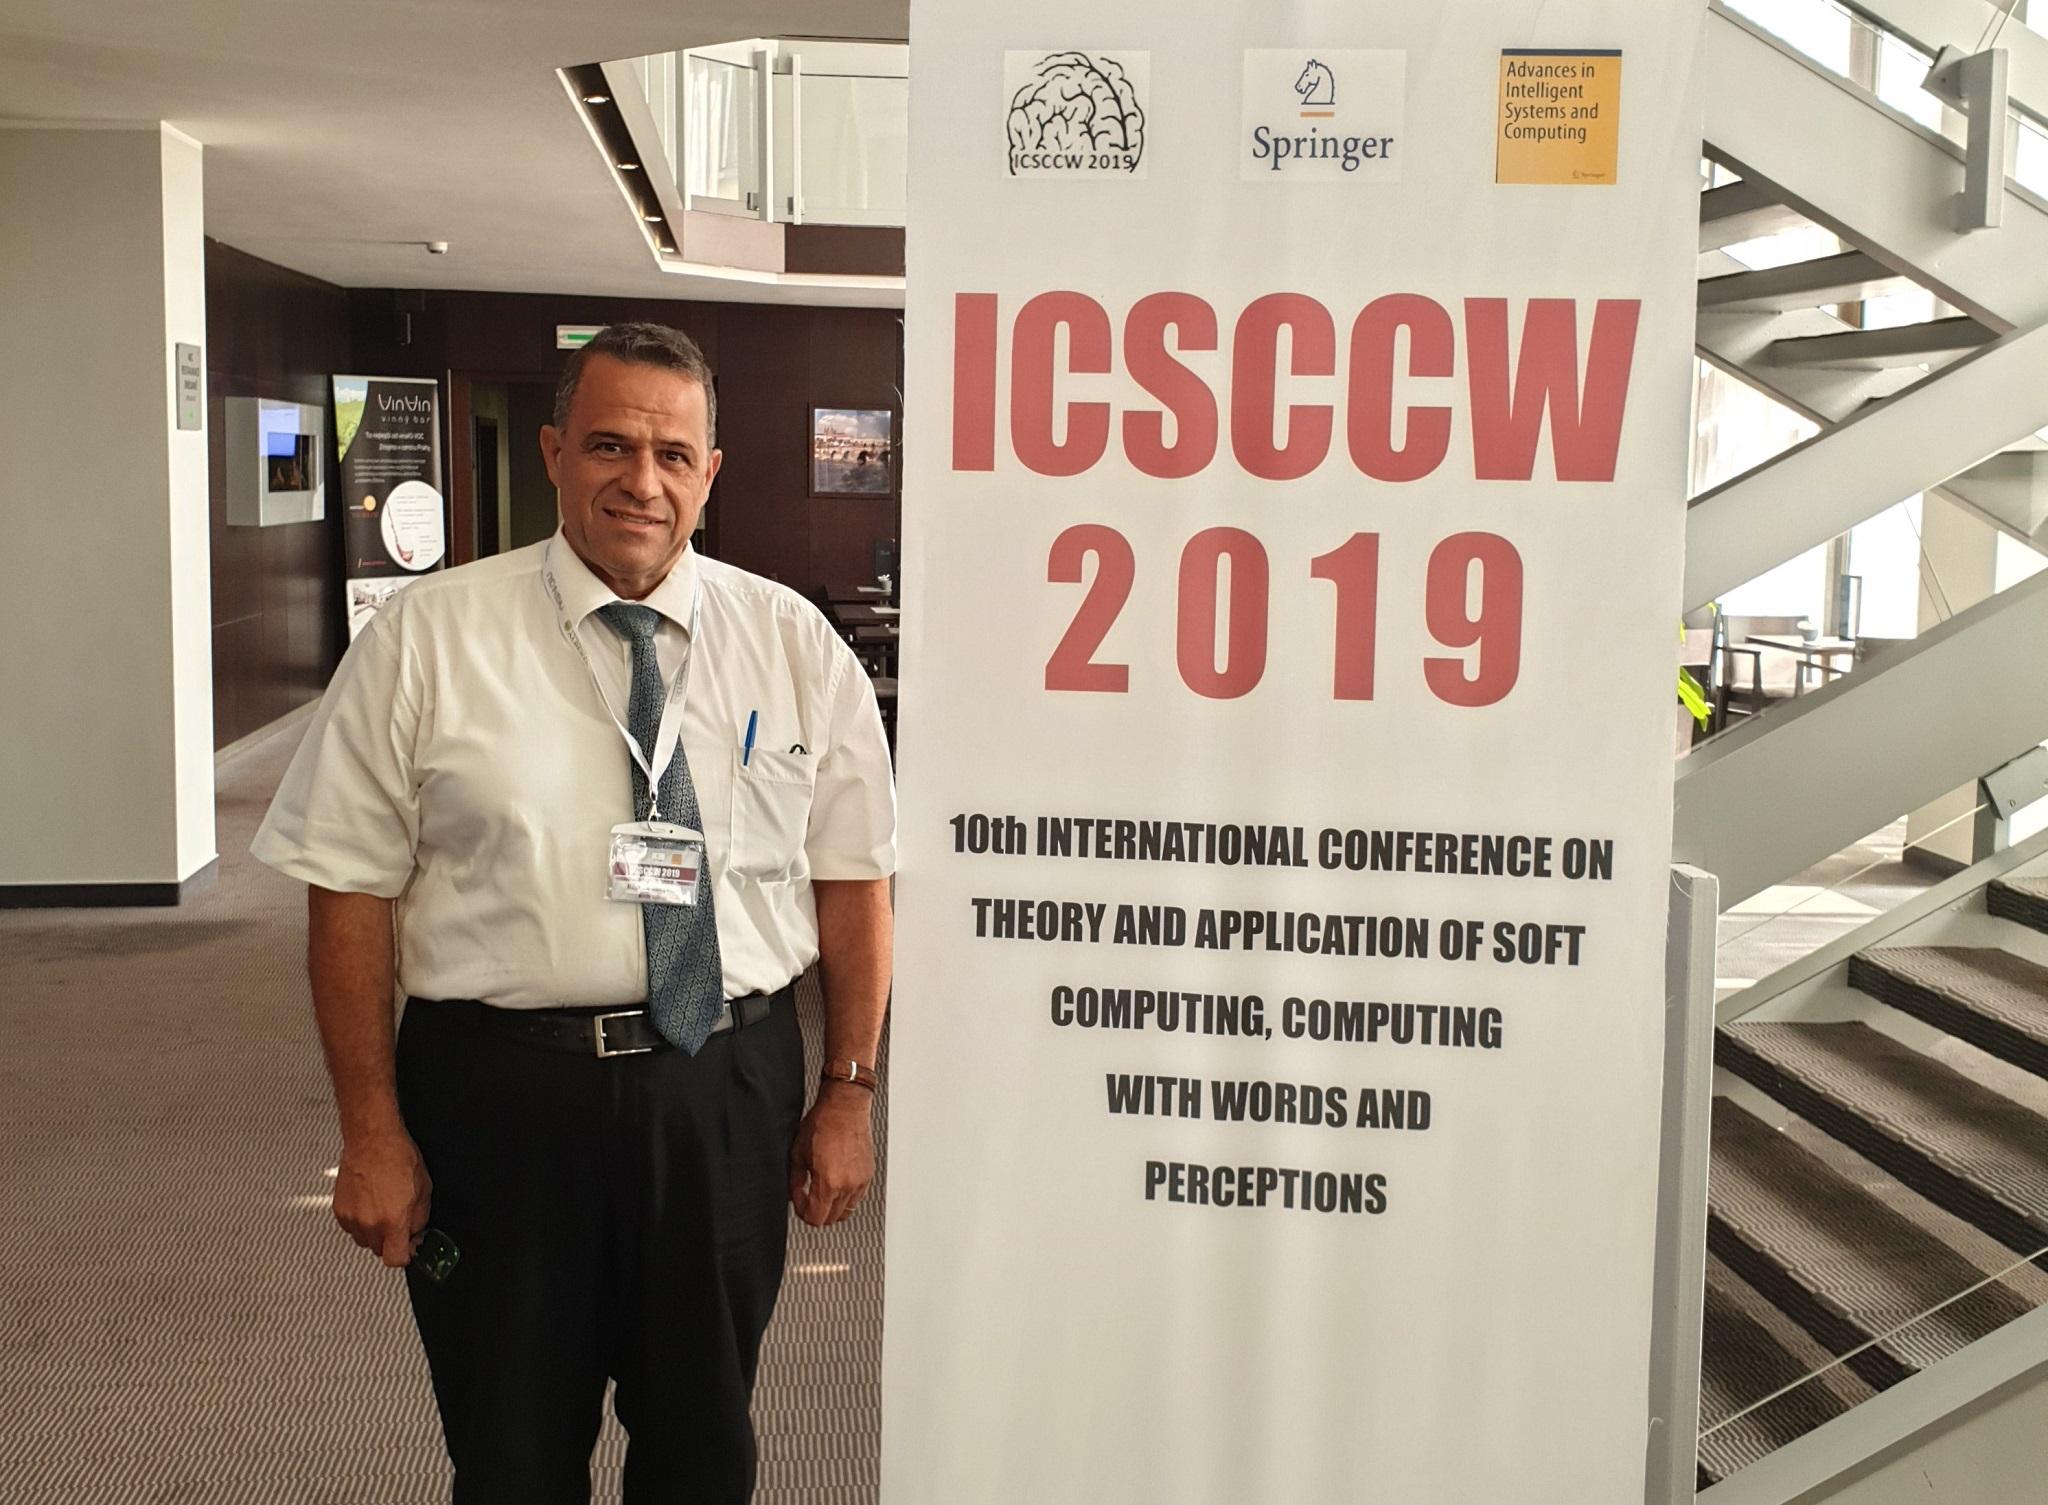 Yakın Doğu Üniversitesi İnşaat ve Çevre Mühendisliği Fakültesi ICSCCW 2019 Konferansında İki Bildiri ve Bir Oturum Başkanlığı İle Temsil Edildi…